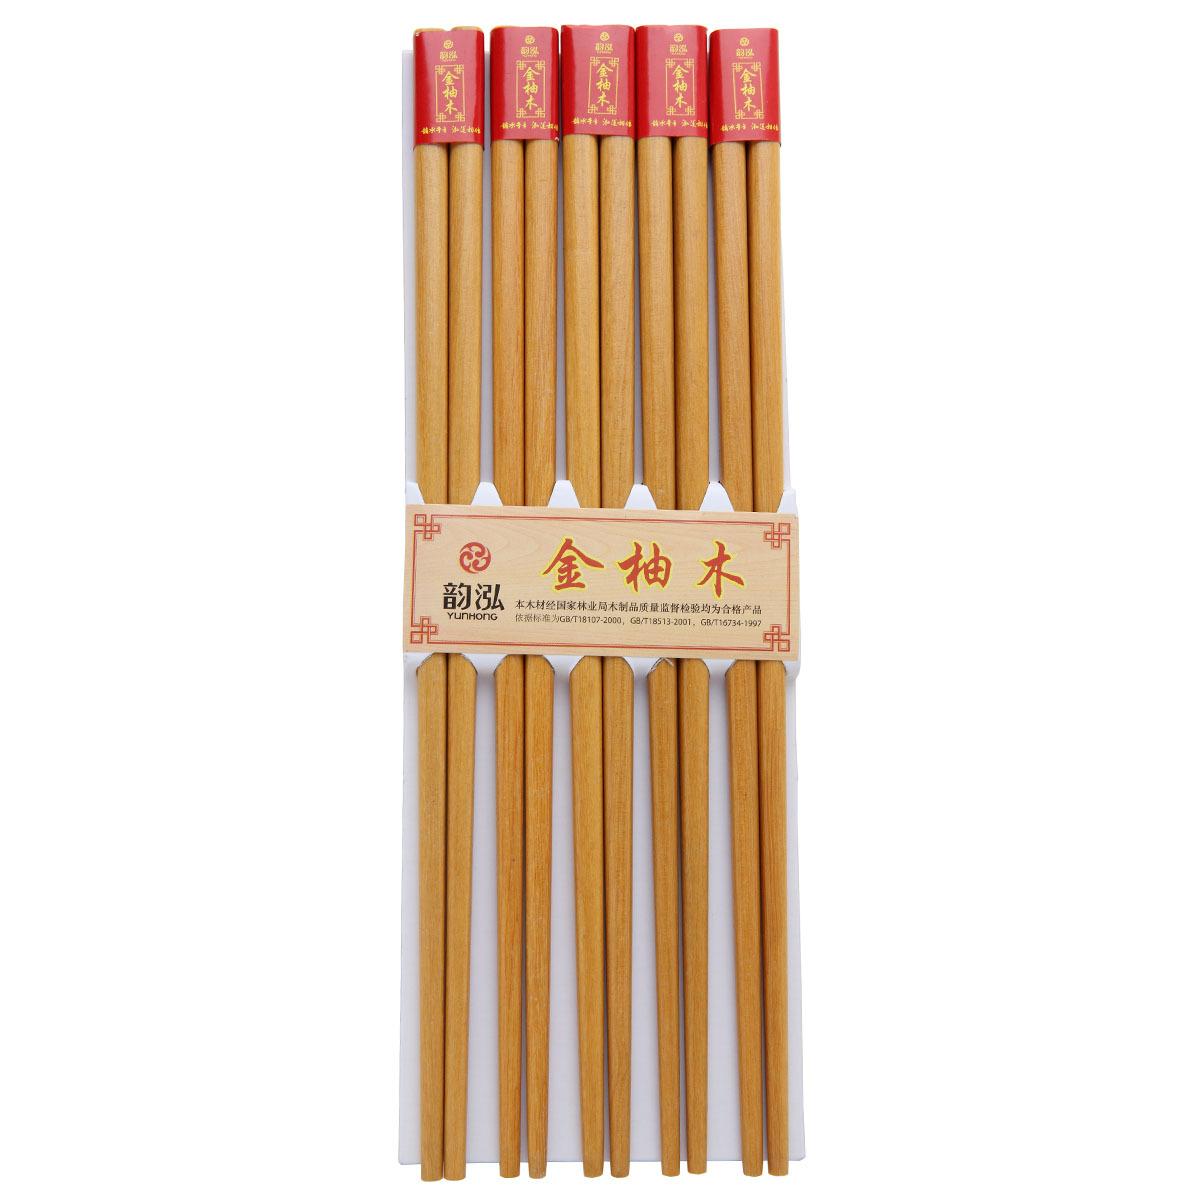 筷子 韵泓筷子 正品 精品家用筷子 十双装 金柚筷 0057 放心使用